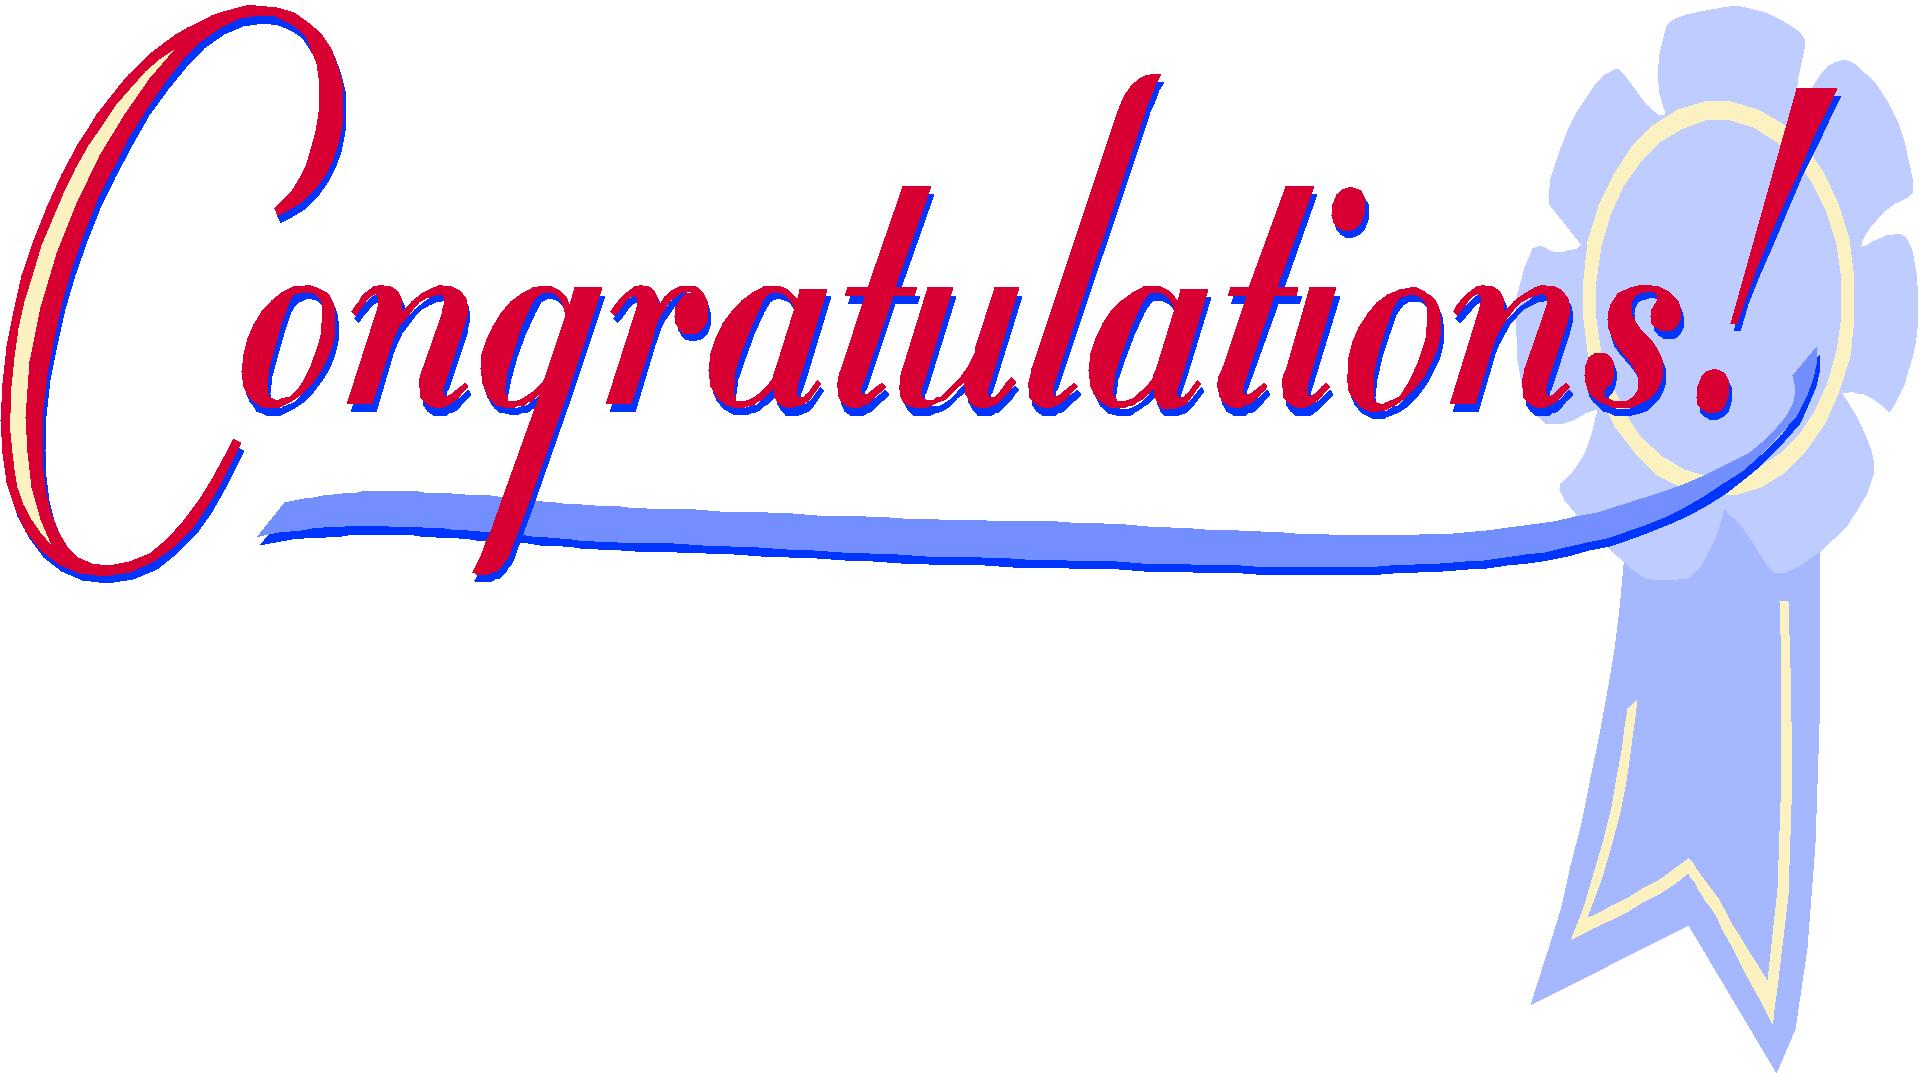 Congratulations clipart 5 4